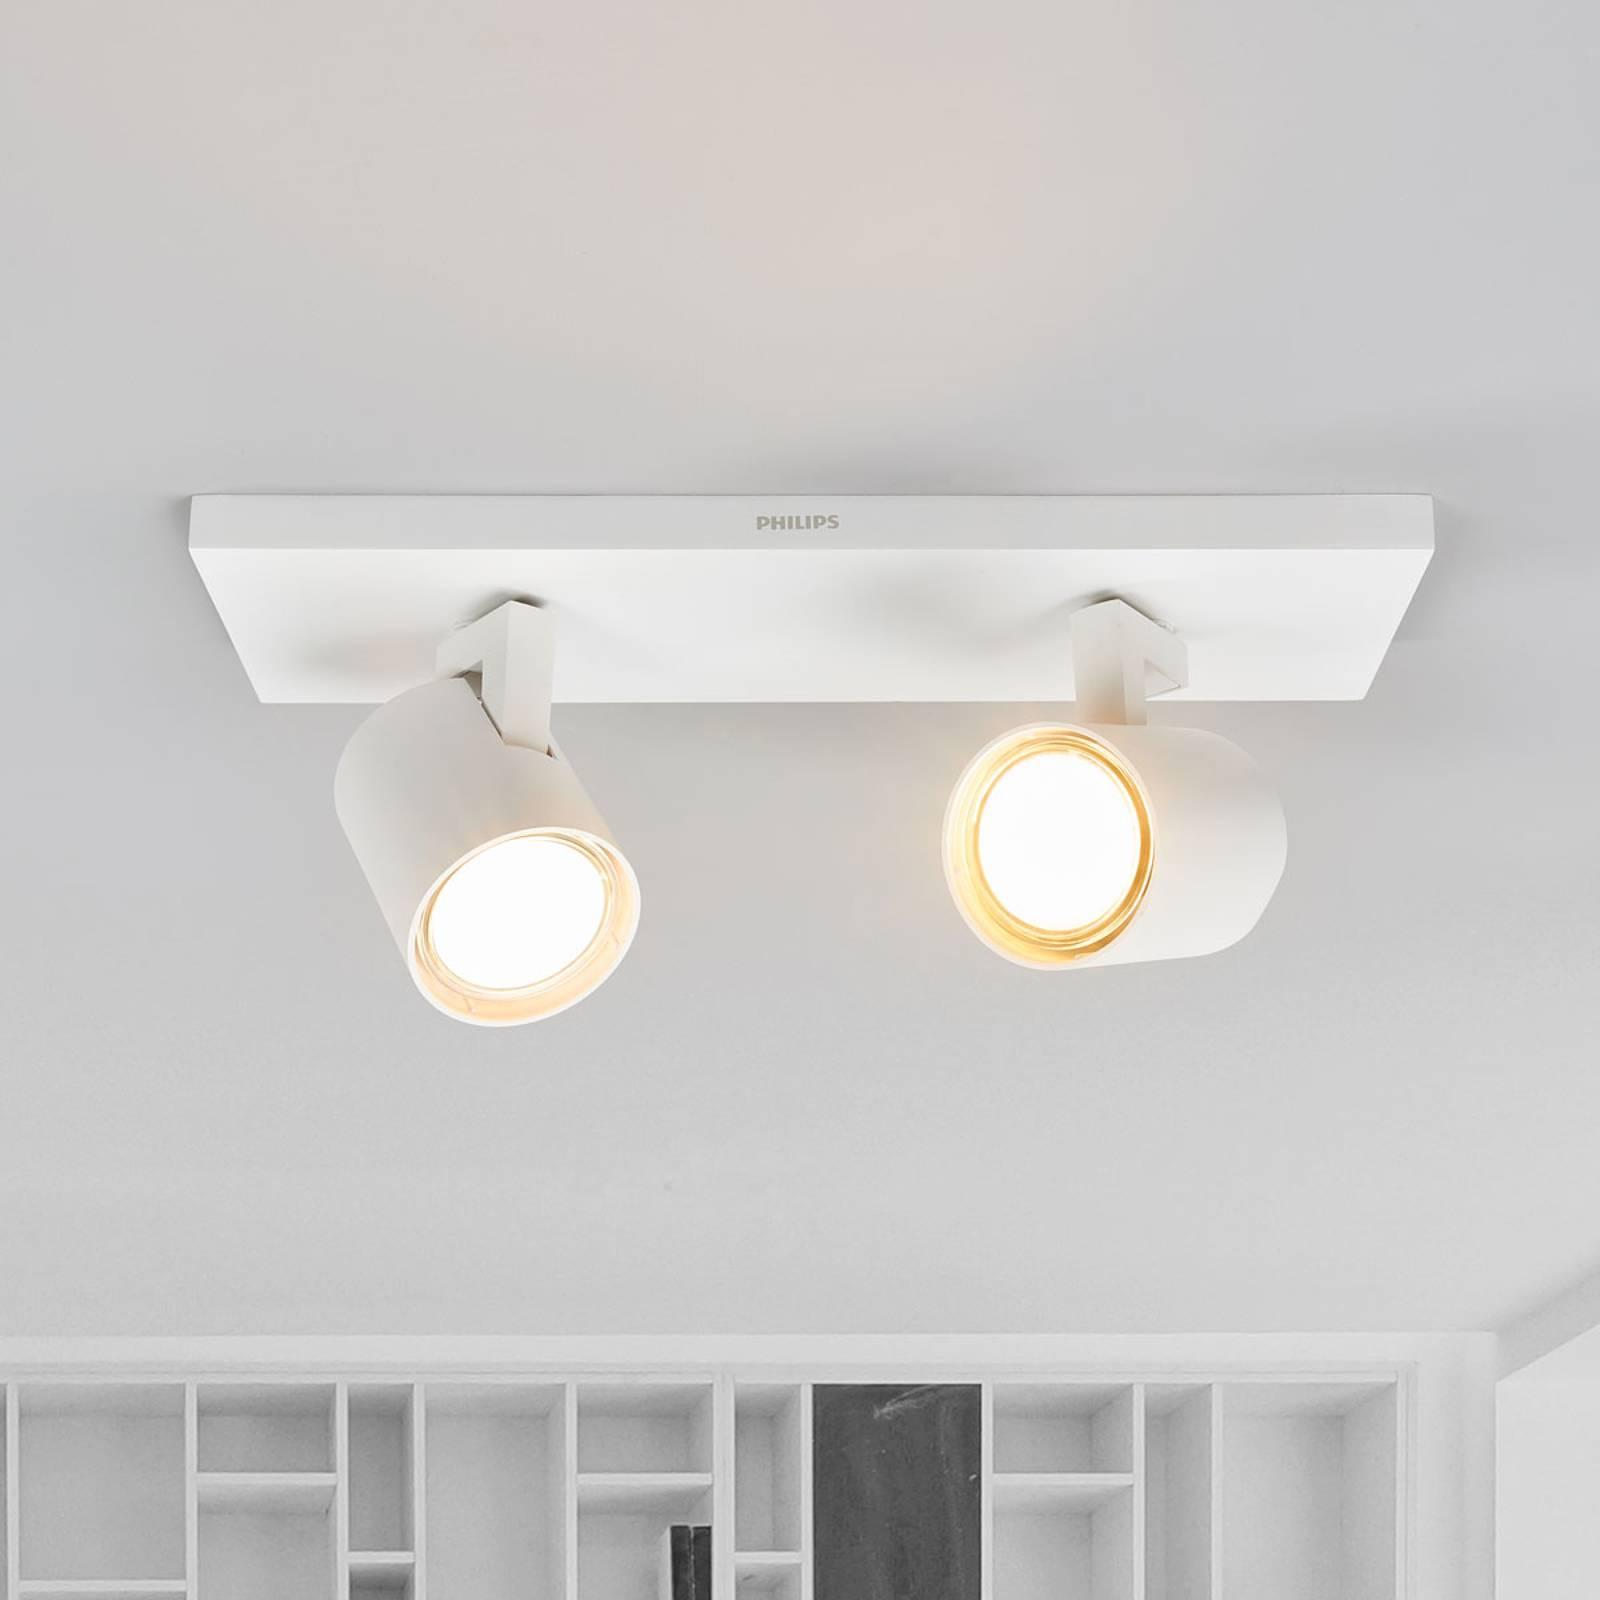 2-Spots LED plafondlamp Runner